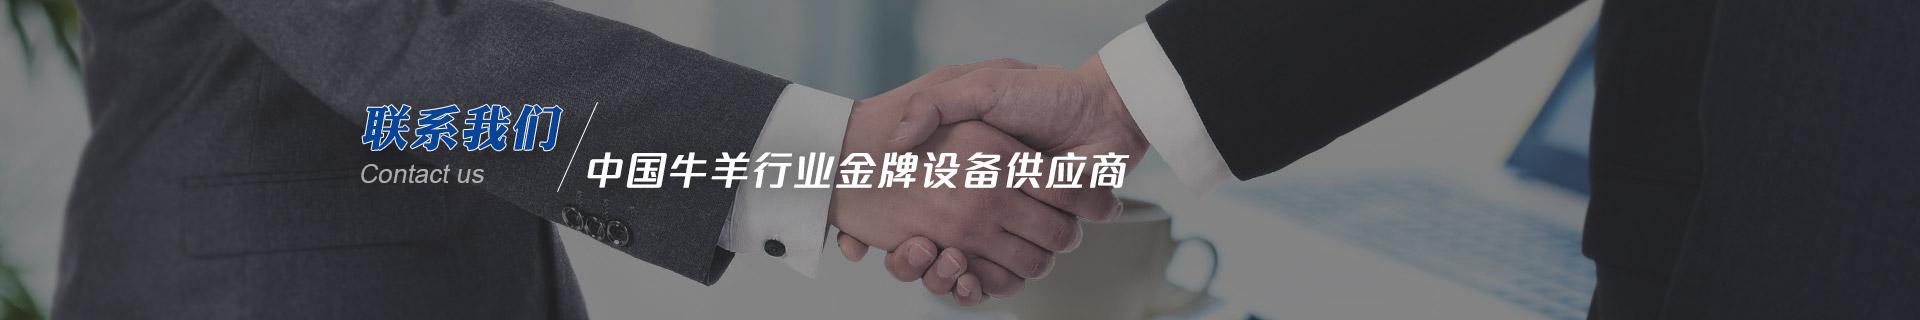 建华机械-中国牛羊行业金牌设备供应商